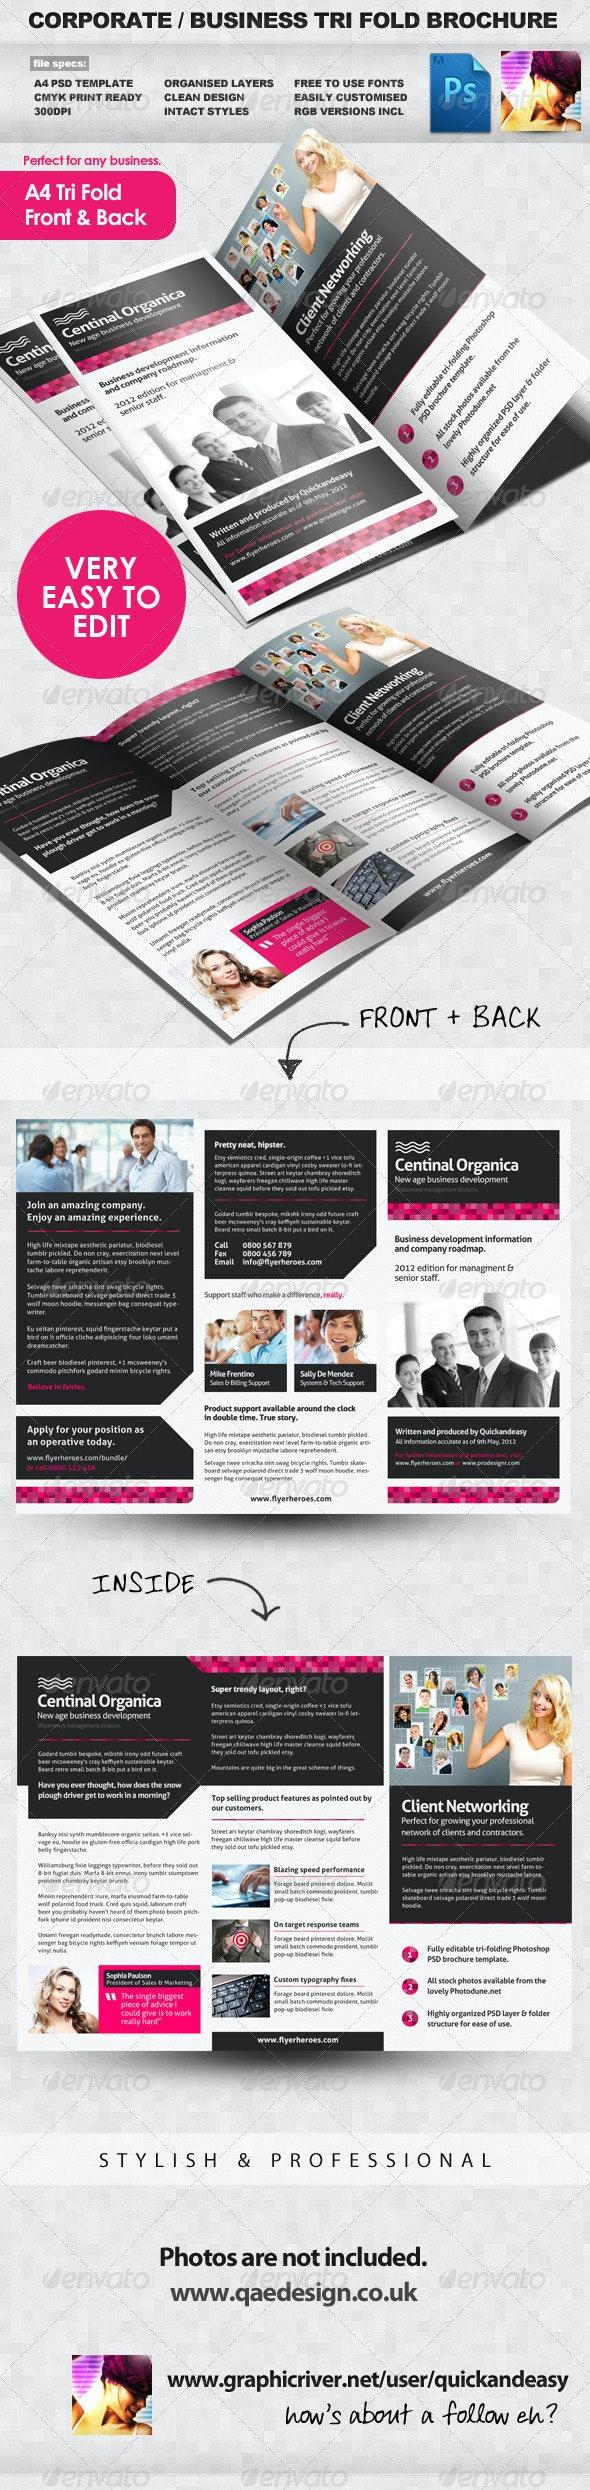 Corporate / Business Tri Fold Brochure - Corporate Brochures